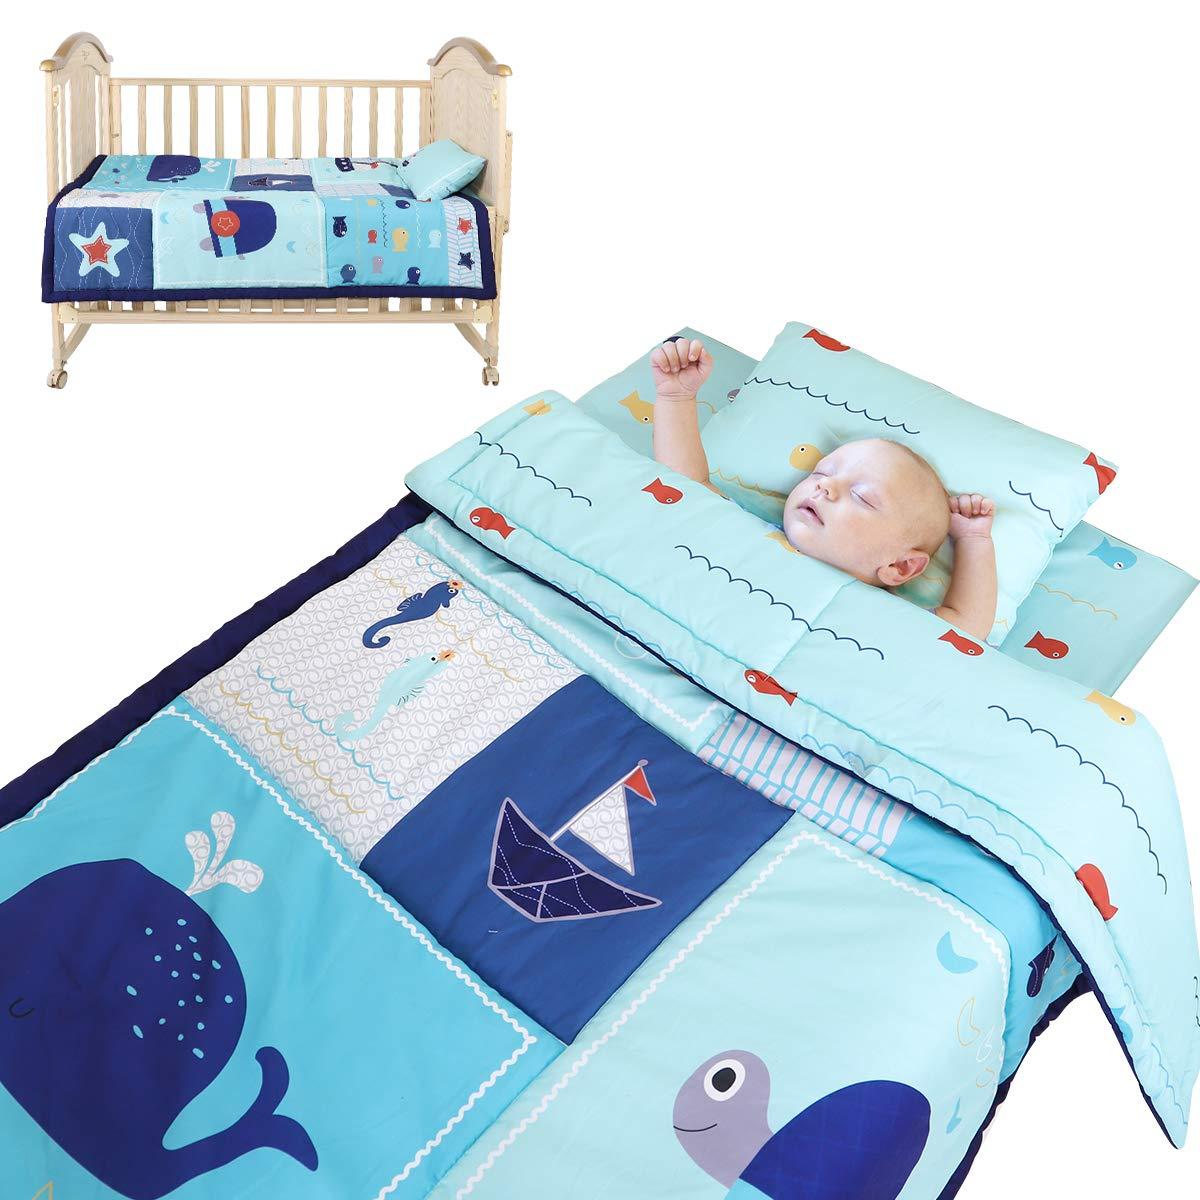 Unichart Three-Piece Bed Set for Baby Children Kids Cotton Bed Set